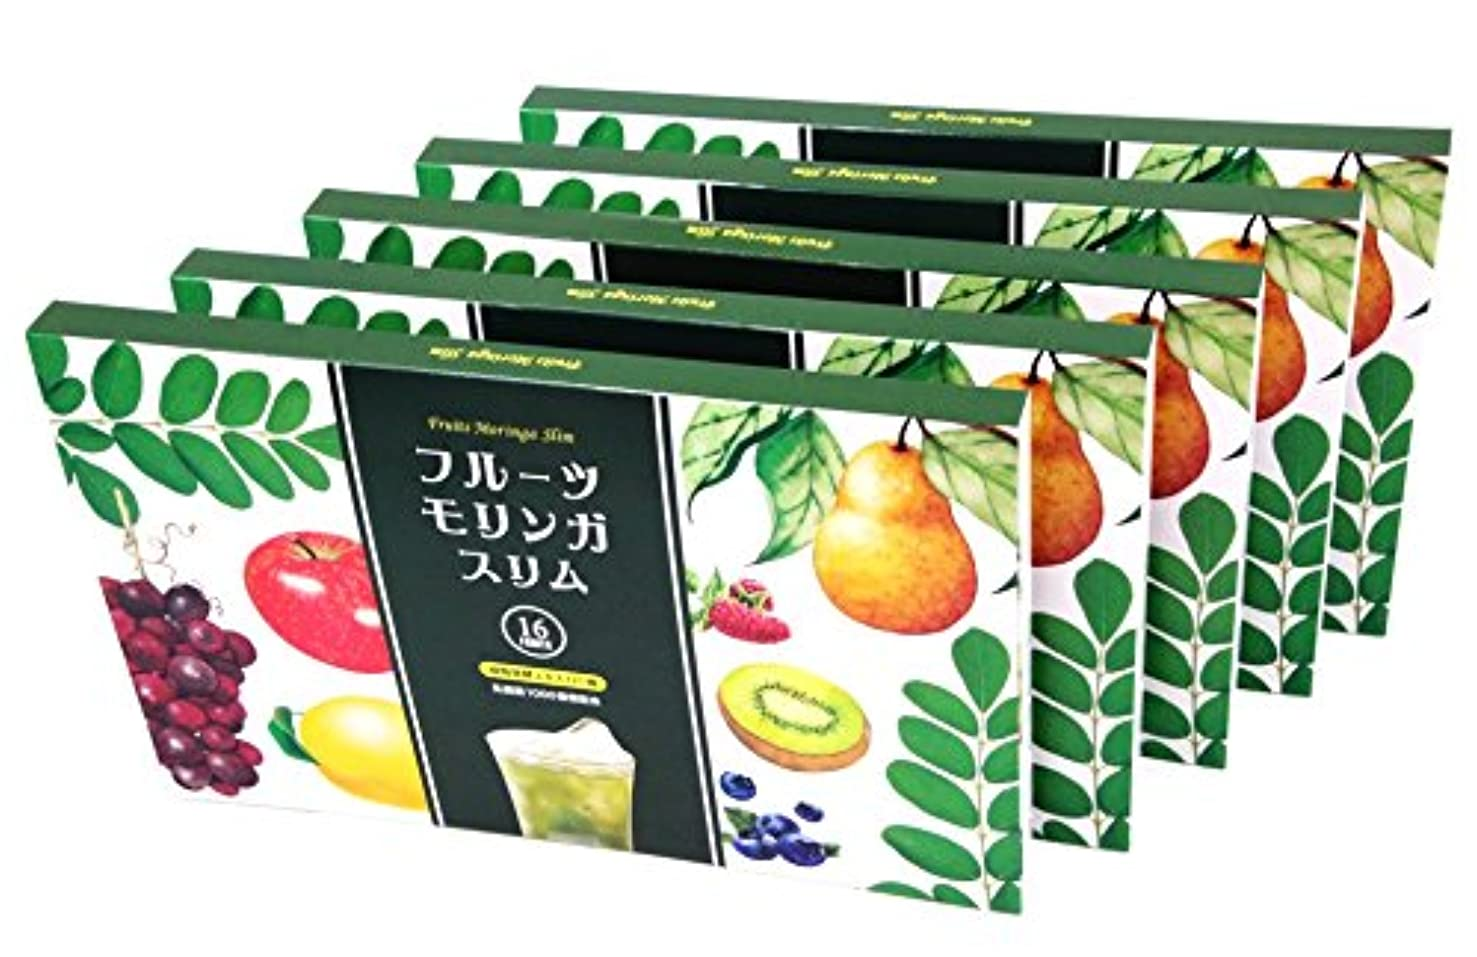 期限ライム警官フルーツ モリンガ 美容 健康 栄養 食習慣 ボディメイク 国産品 (5箱/3g×30包×5+シェーカー)